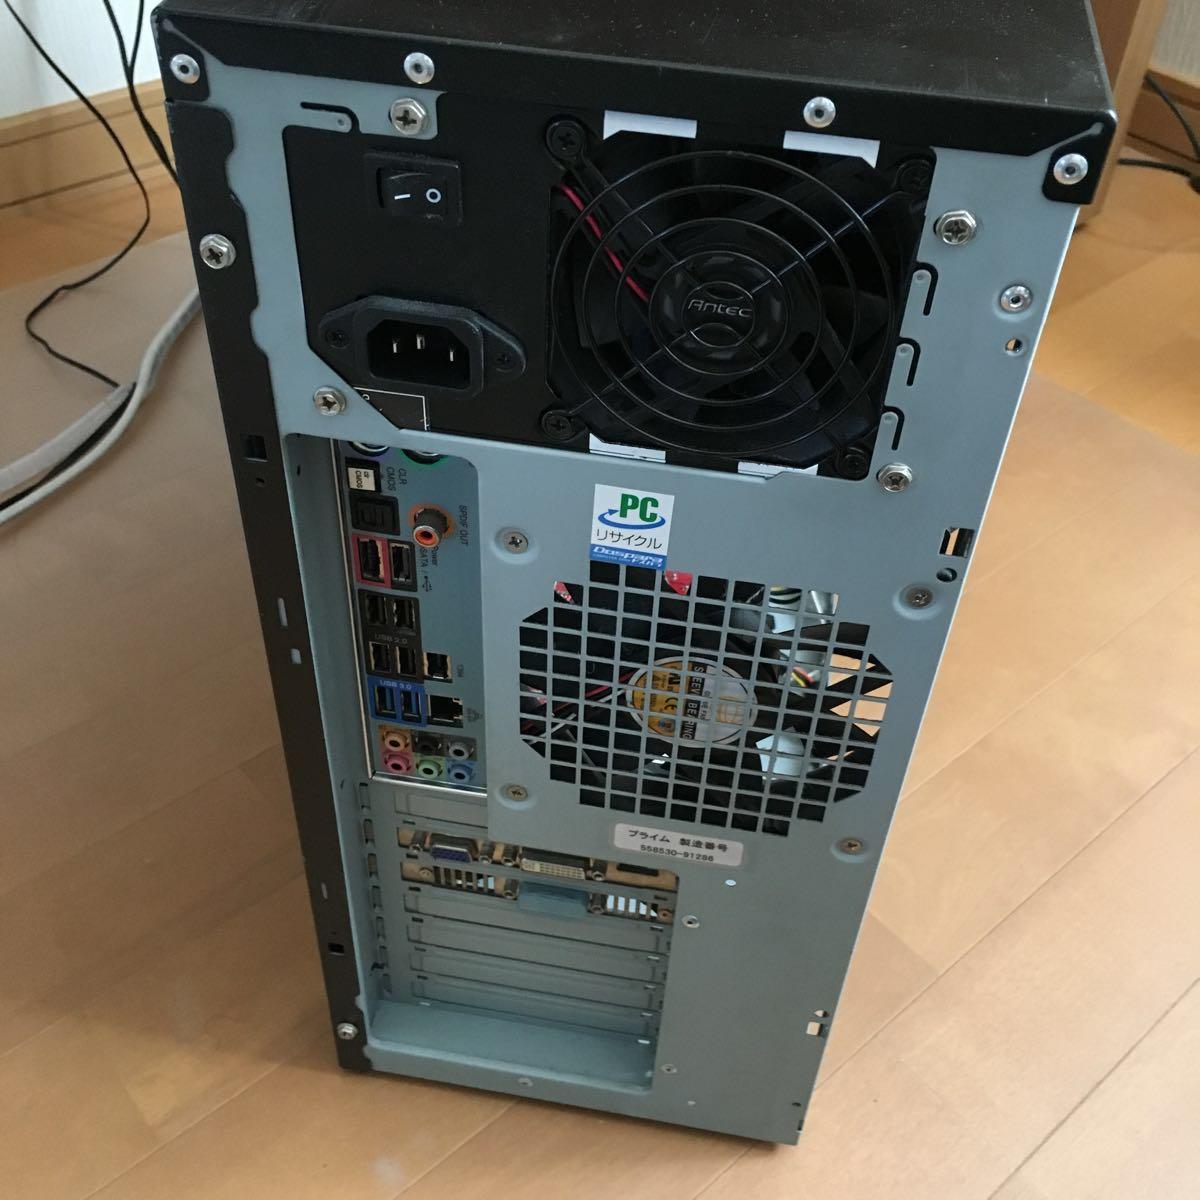 ゲーミング プライム Galleria /Win10/i7 3.07GHz 8コア/HDD1TB/メモリ8G/NVIDIA GeForce GTX460/電源1000w_画像3